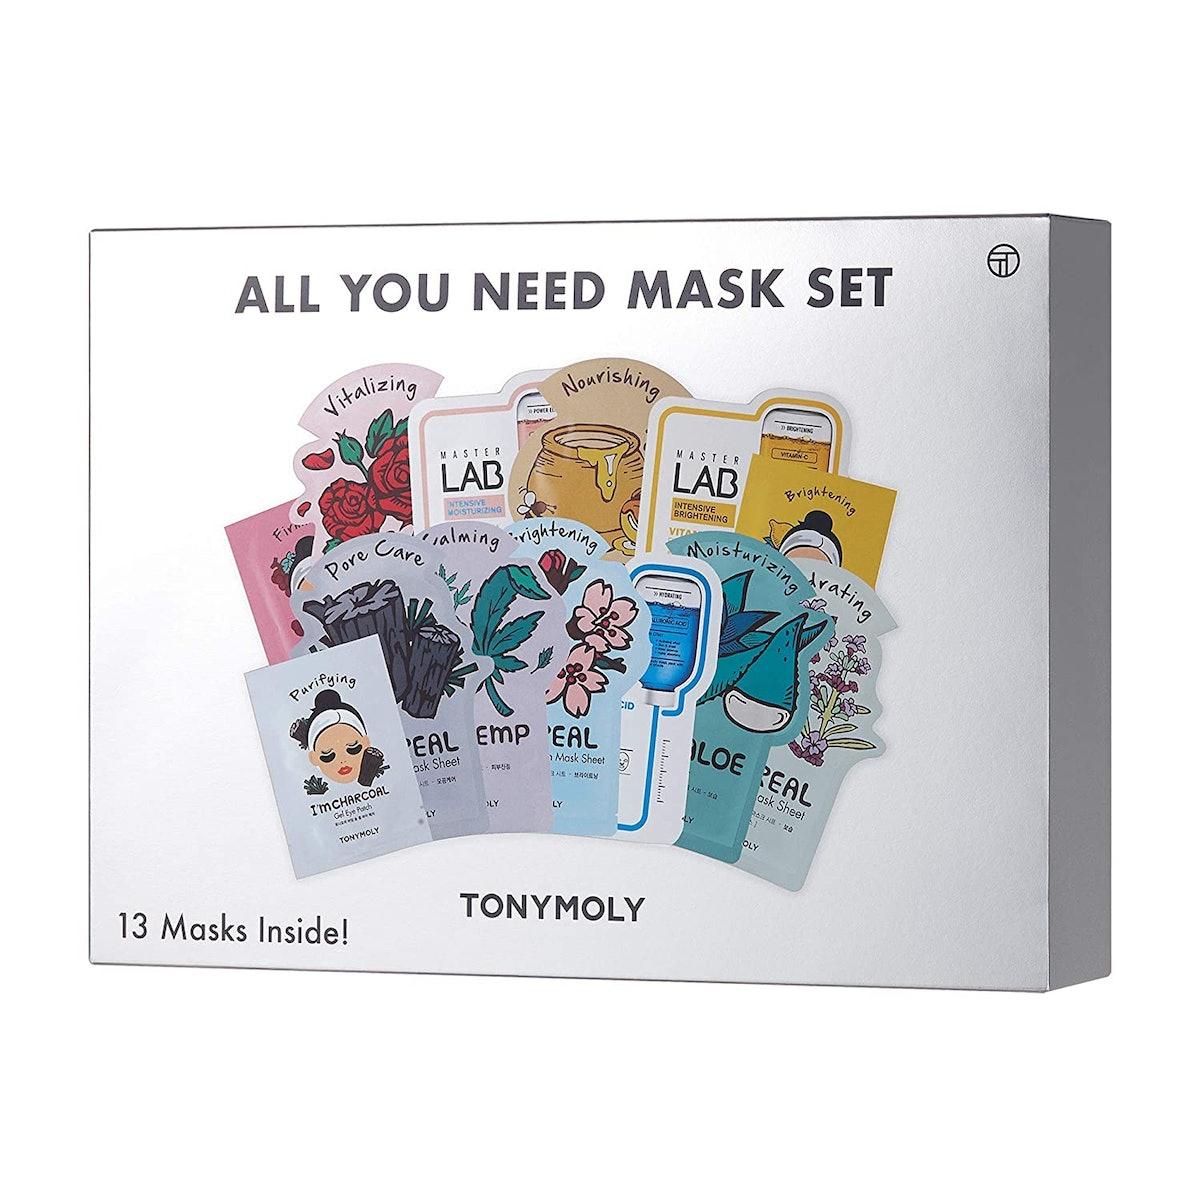 TONYMOLY All You Need Mask Set